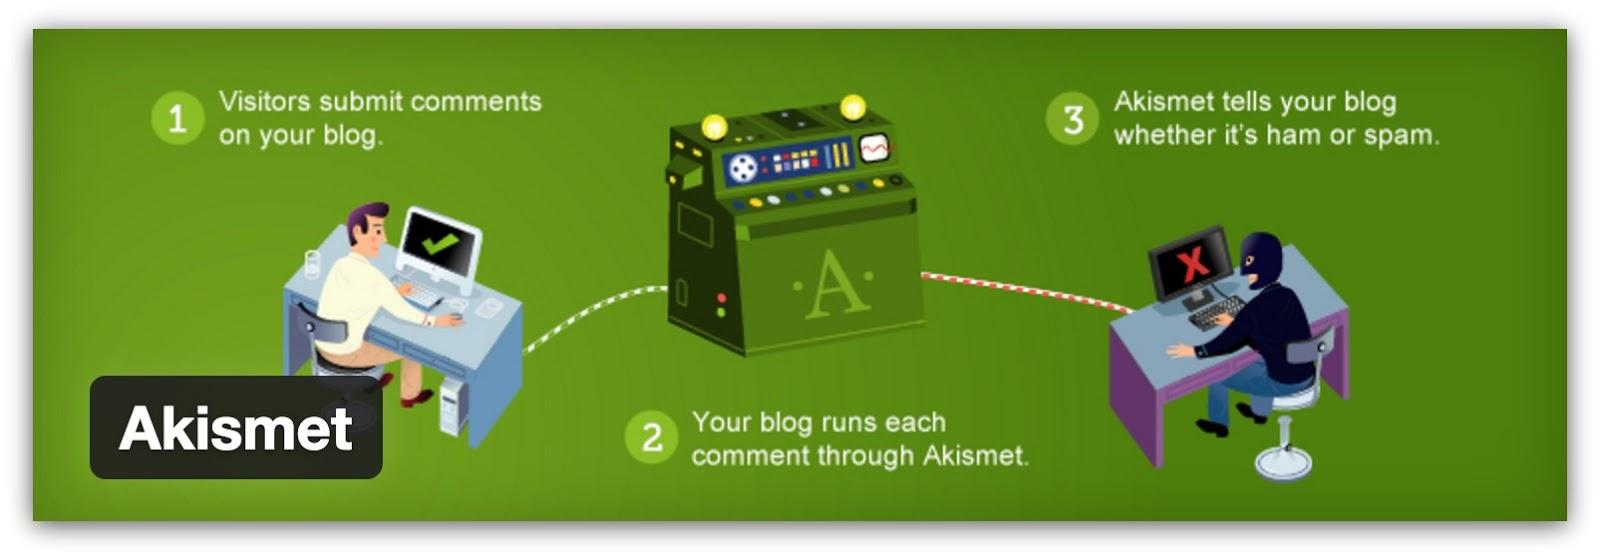 how akismet works